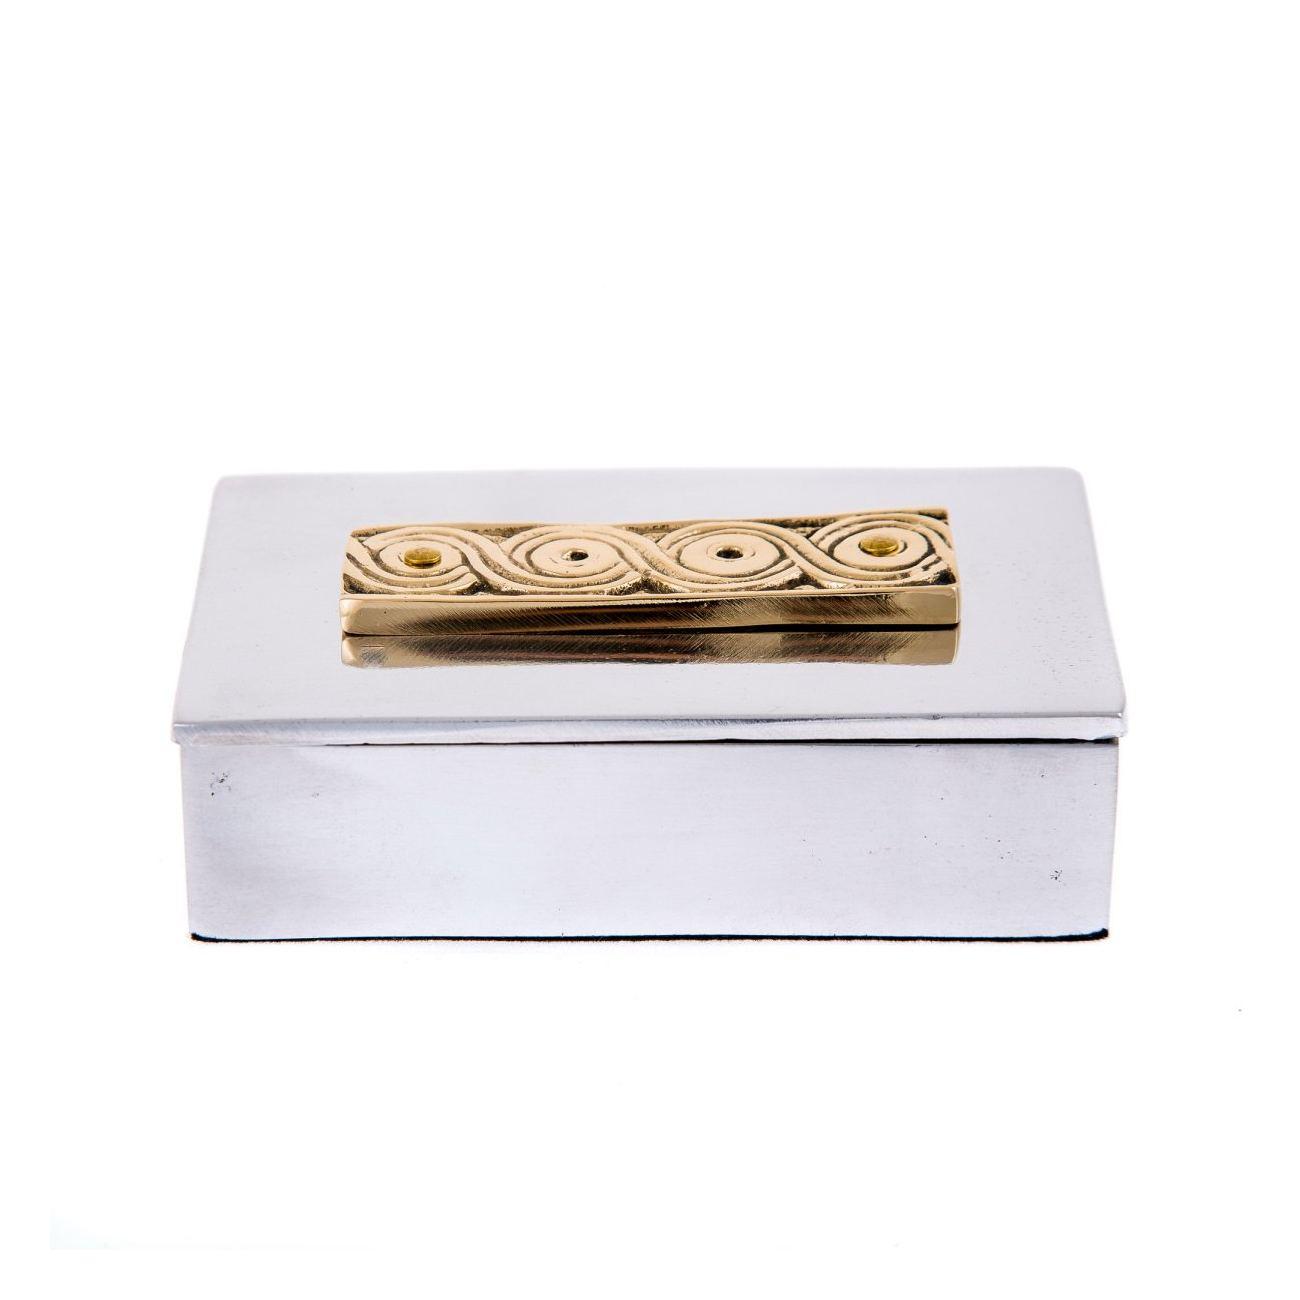 Desk accessories set of 2 archaic design handmade solid metal desk accessories set of 2 archaic design handmade solid metal decorative storage box business card holder colourmoves